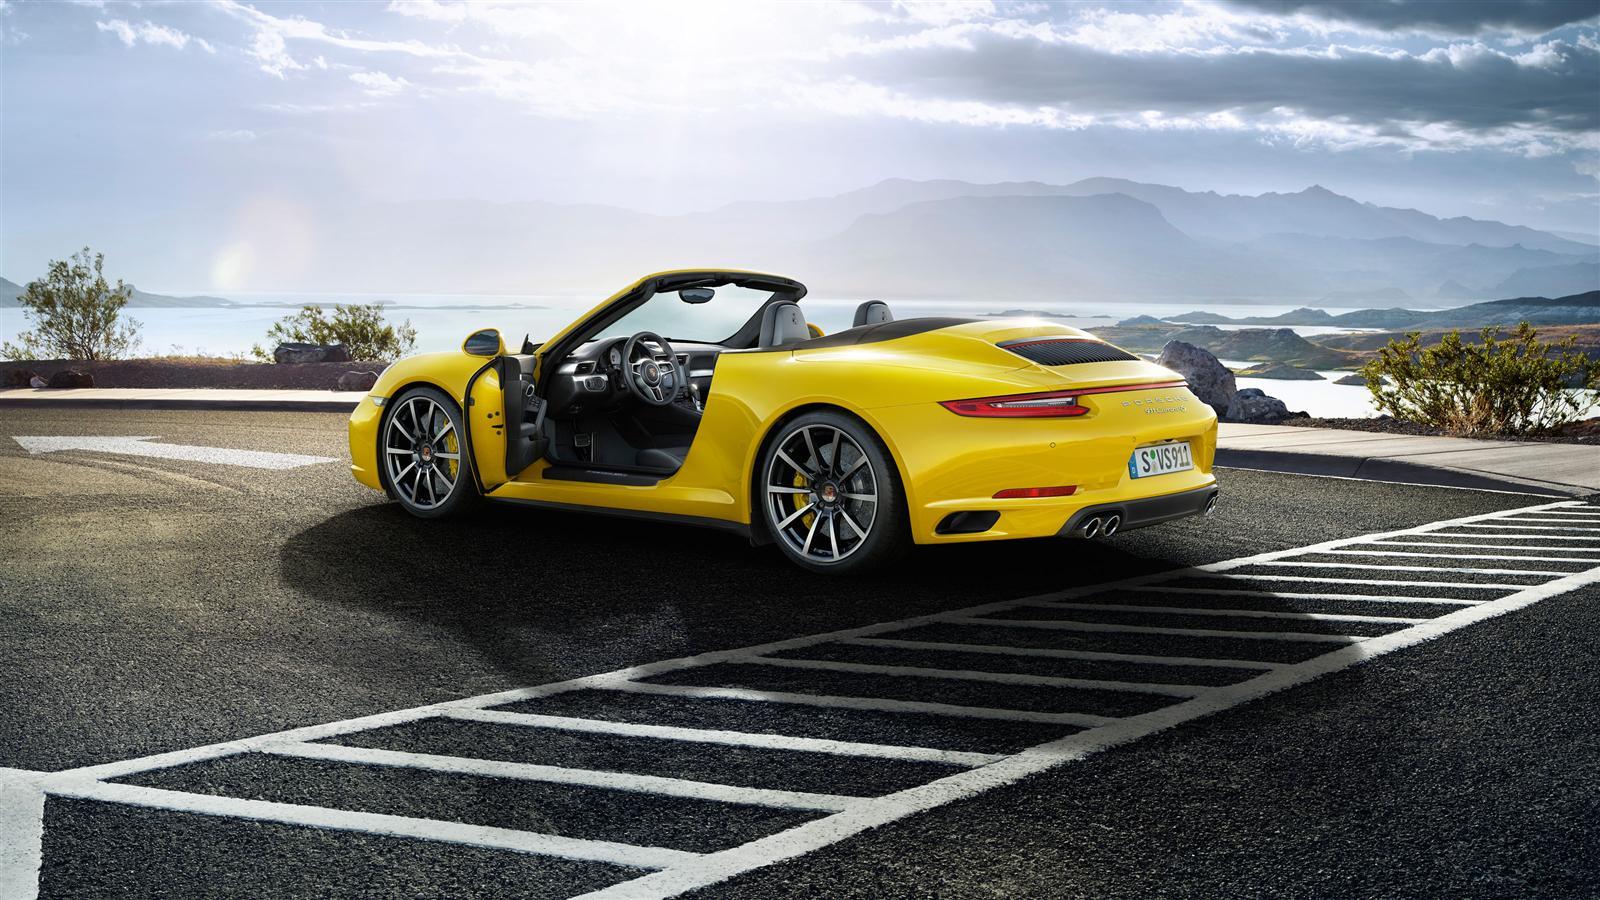 保时捷911超级跑车高清图片壁纸_图片_猫扑汽车